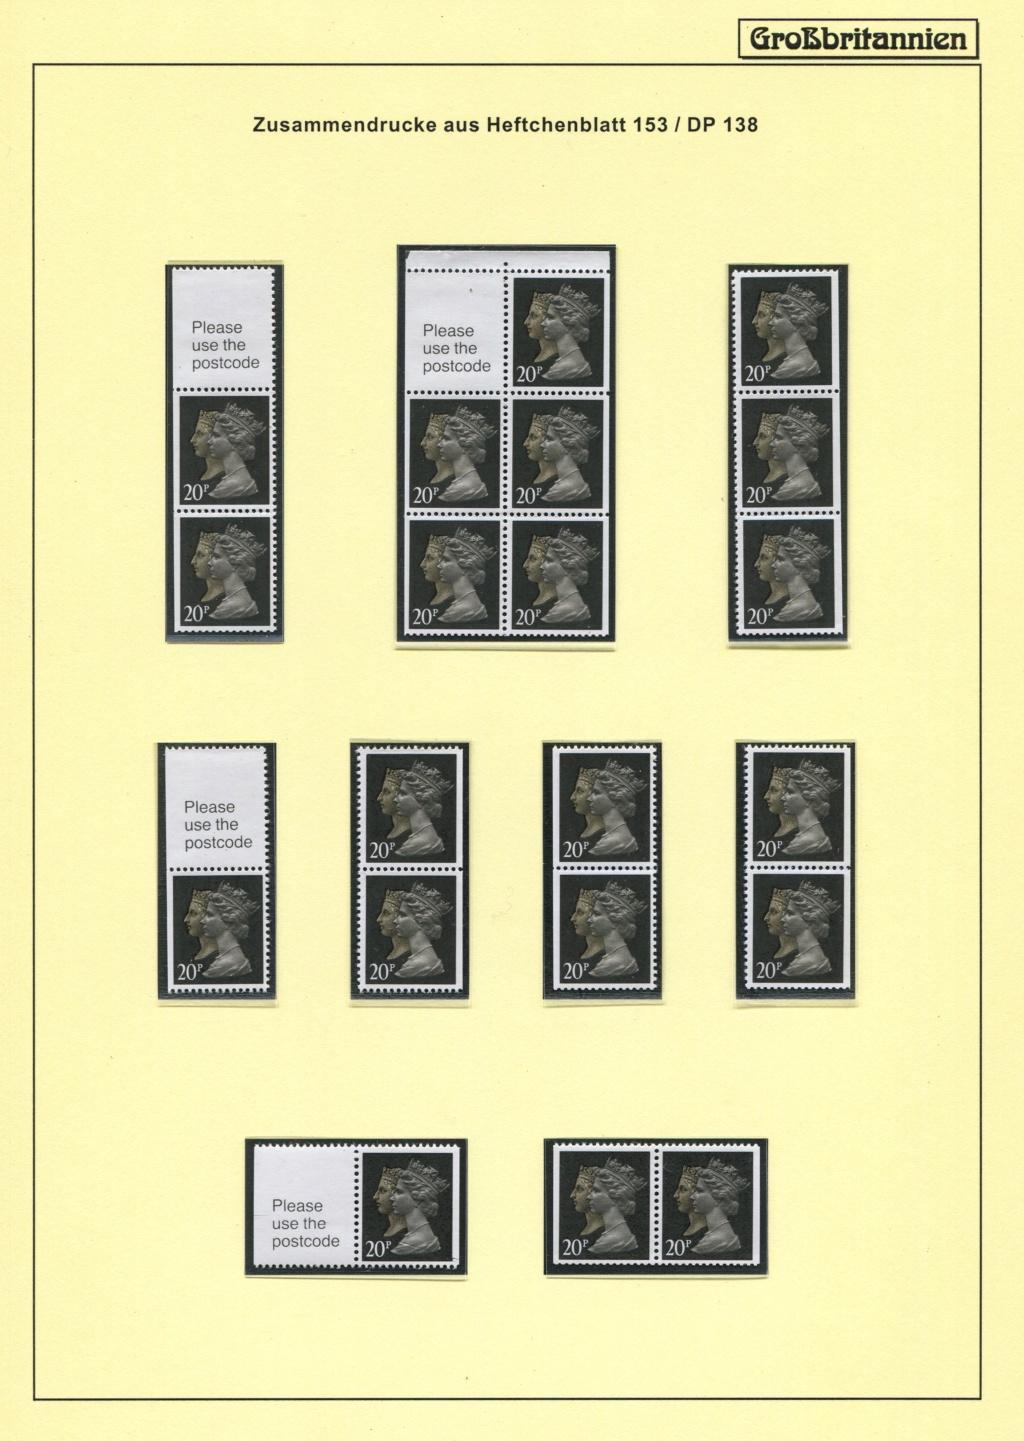 Großbritannien - 150 Jahre Briefmarken Black_28